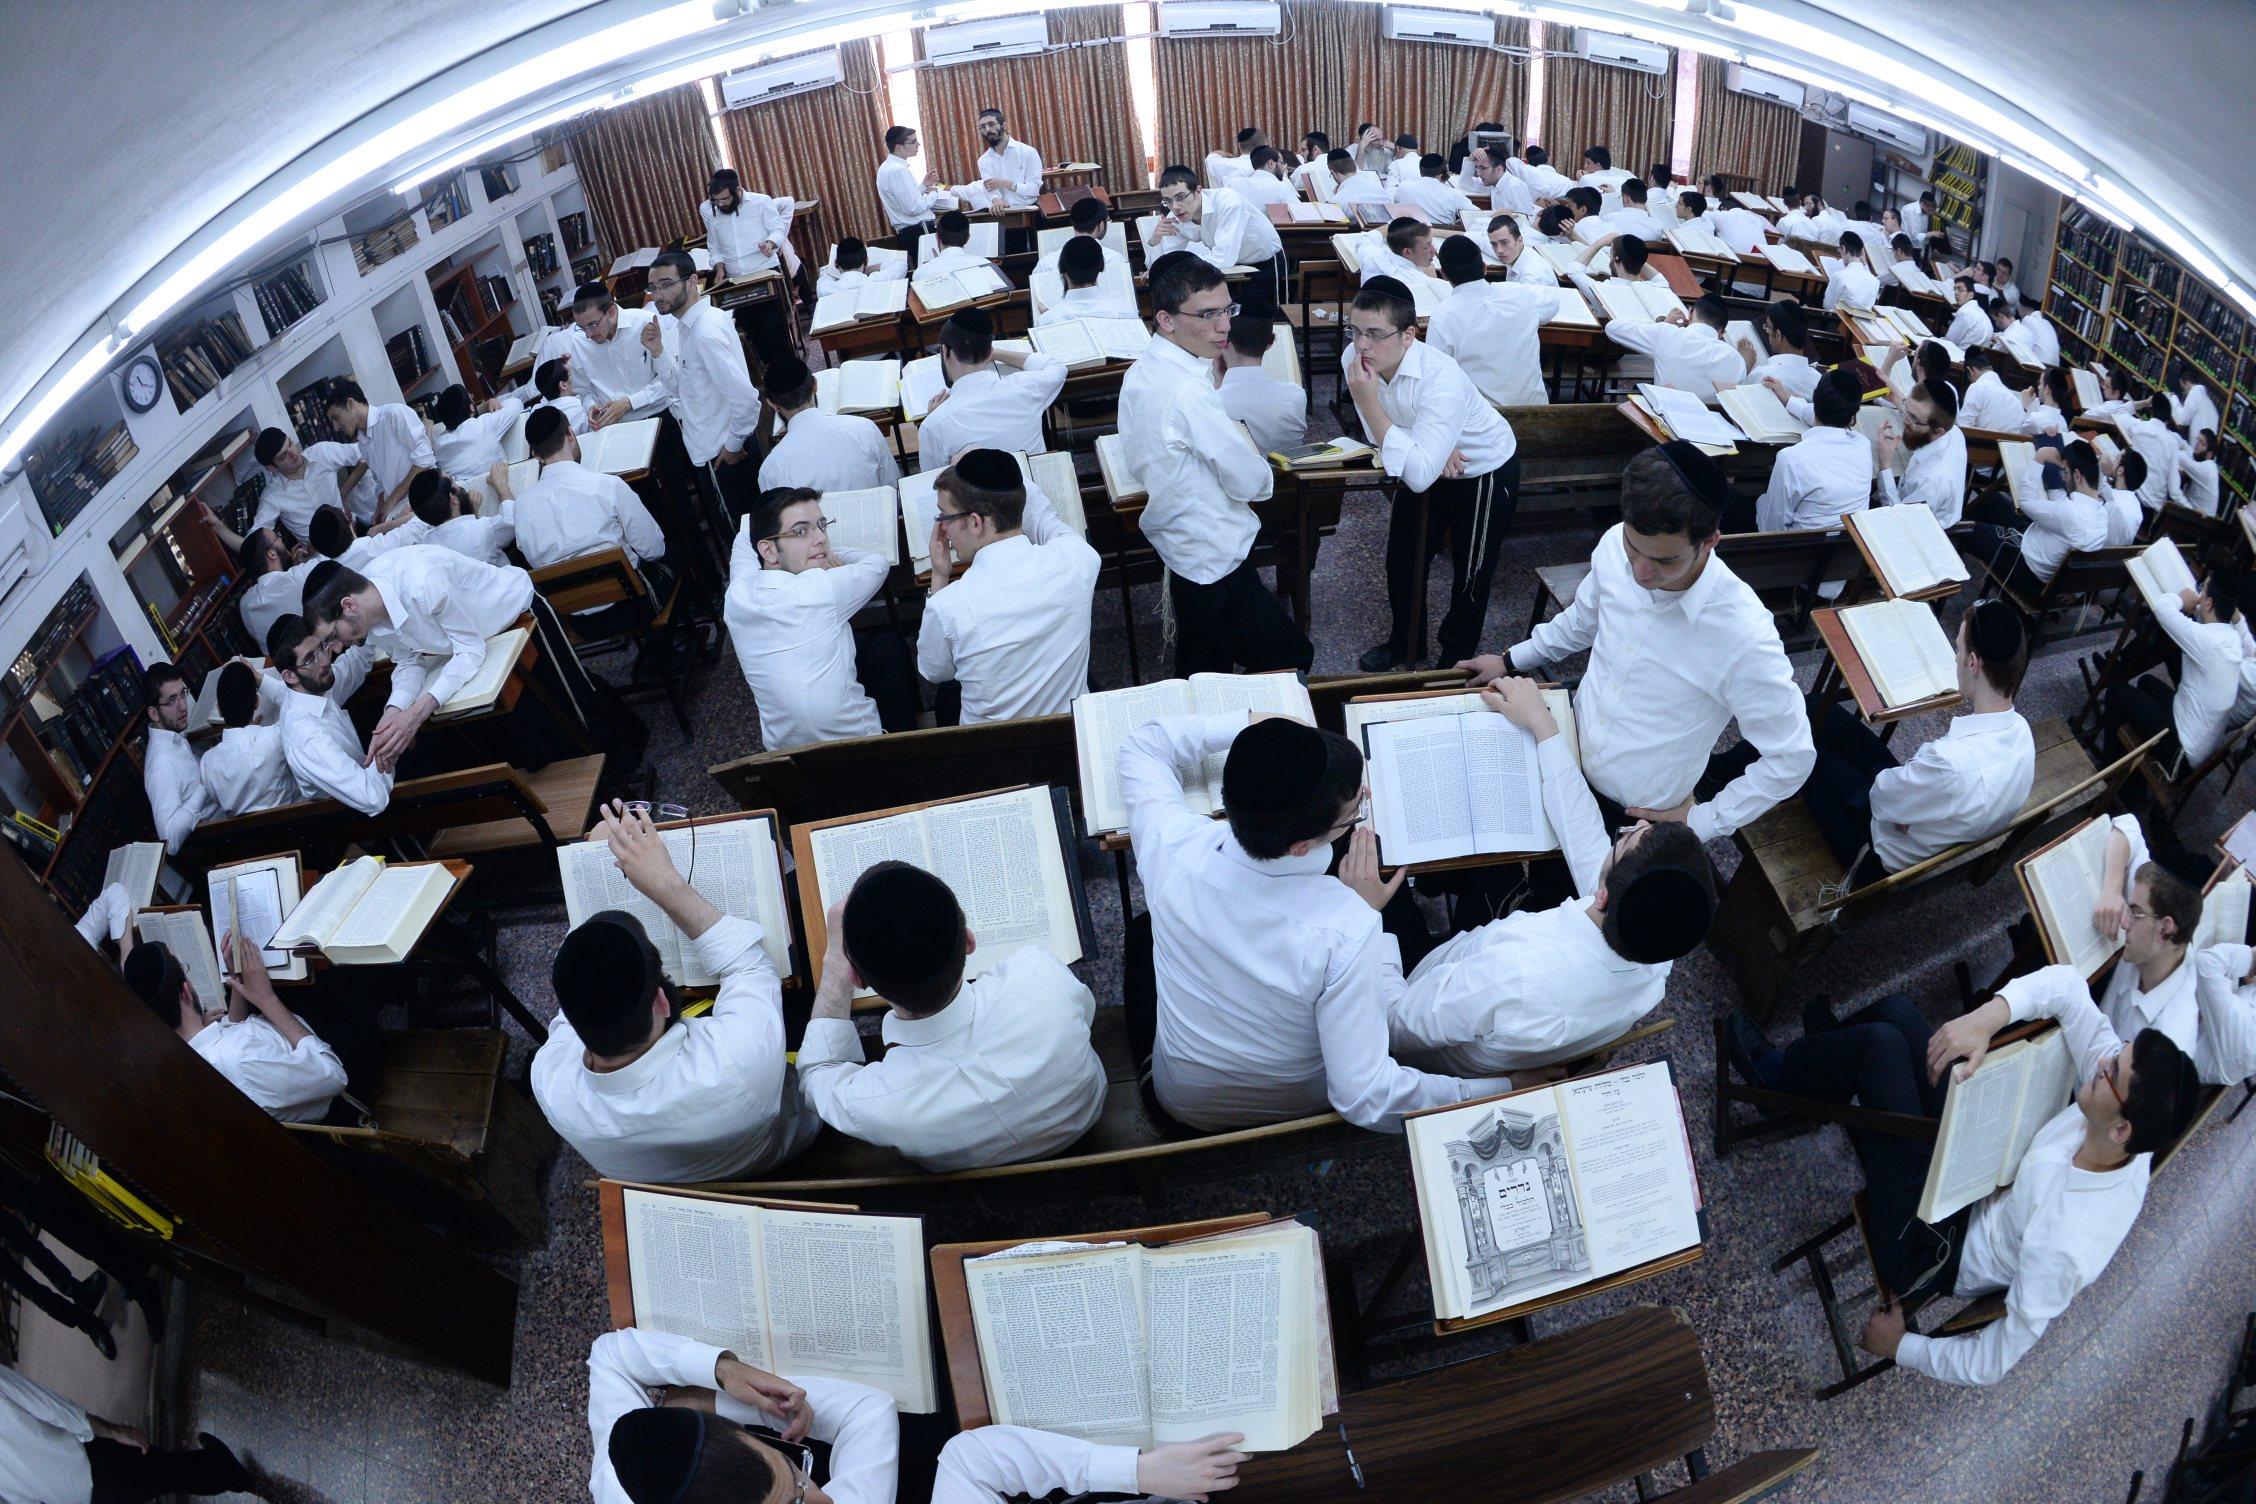 פונוביז' ישיבה בחורים לימוד תורה (22)